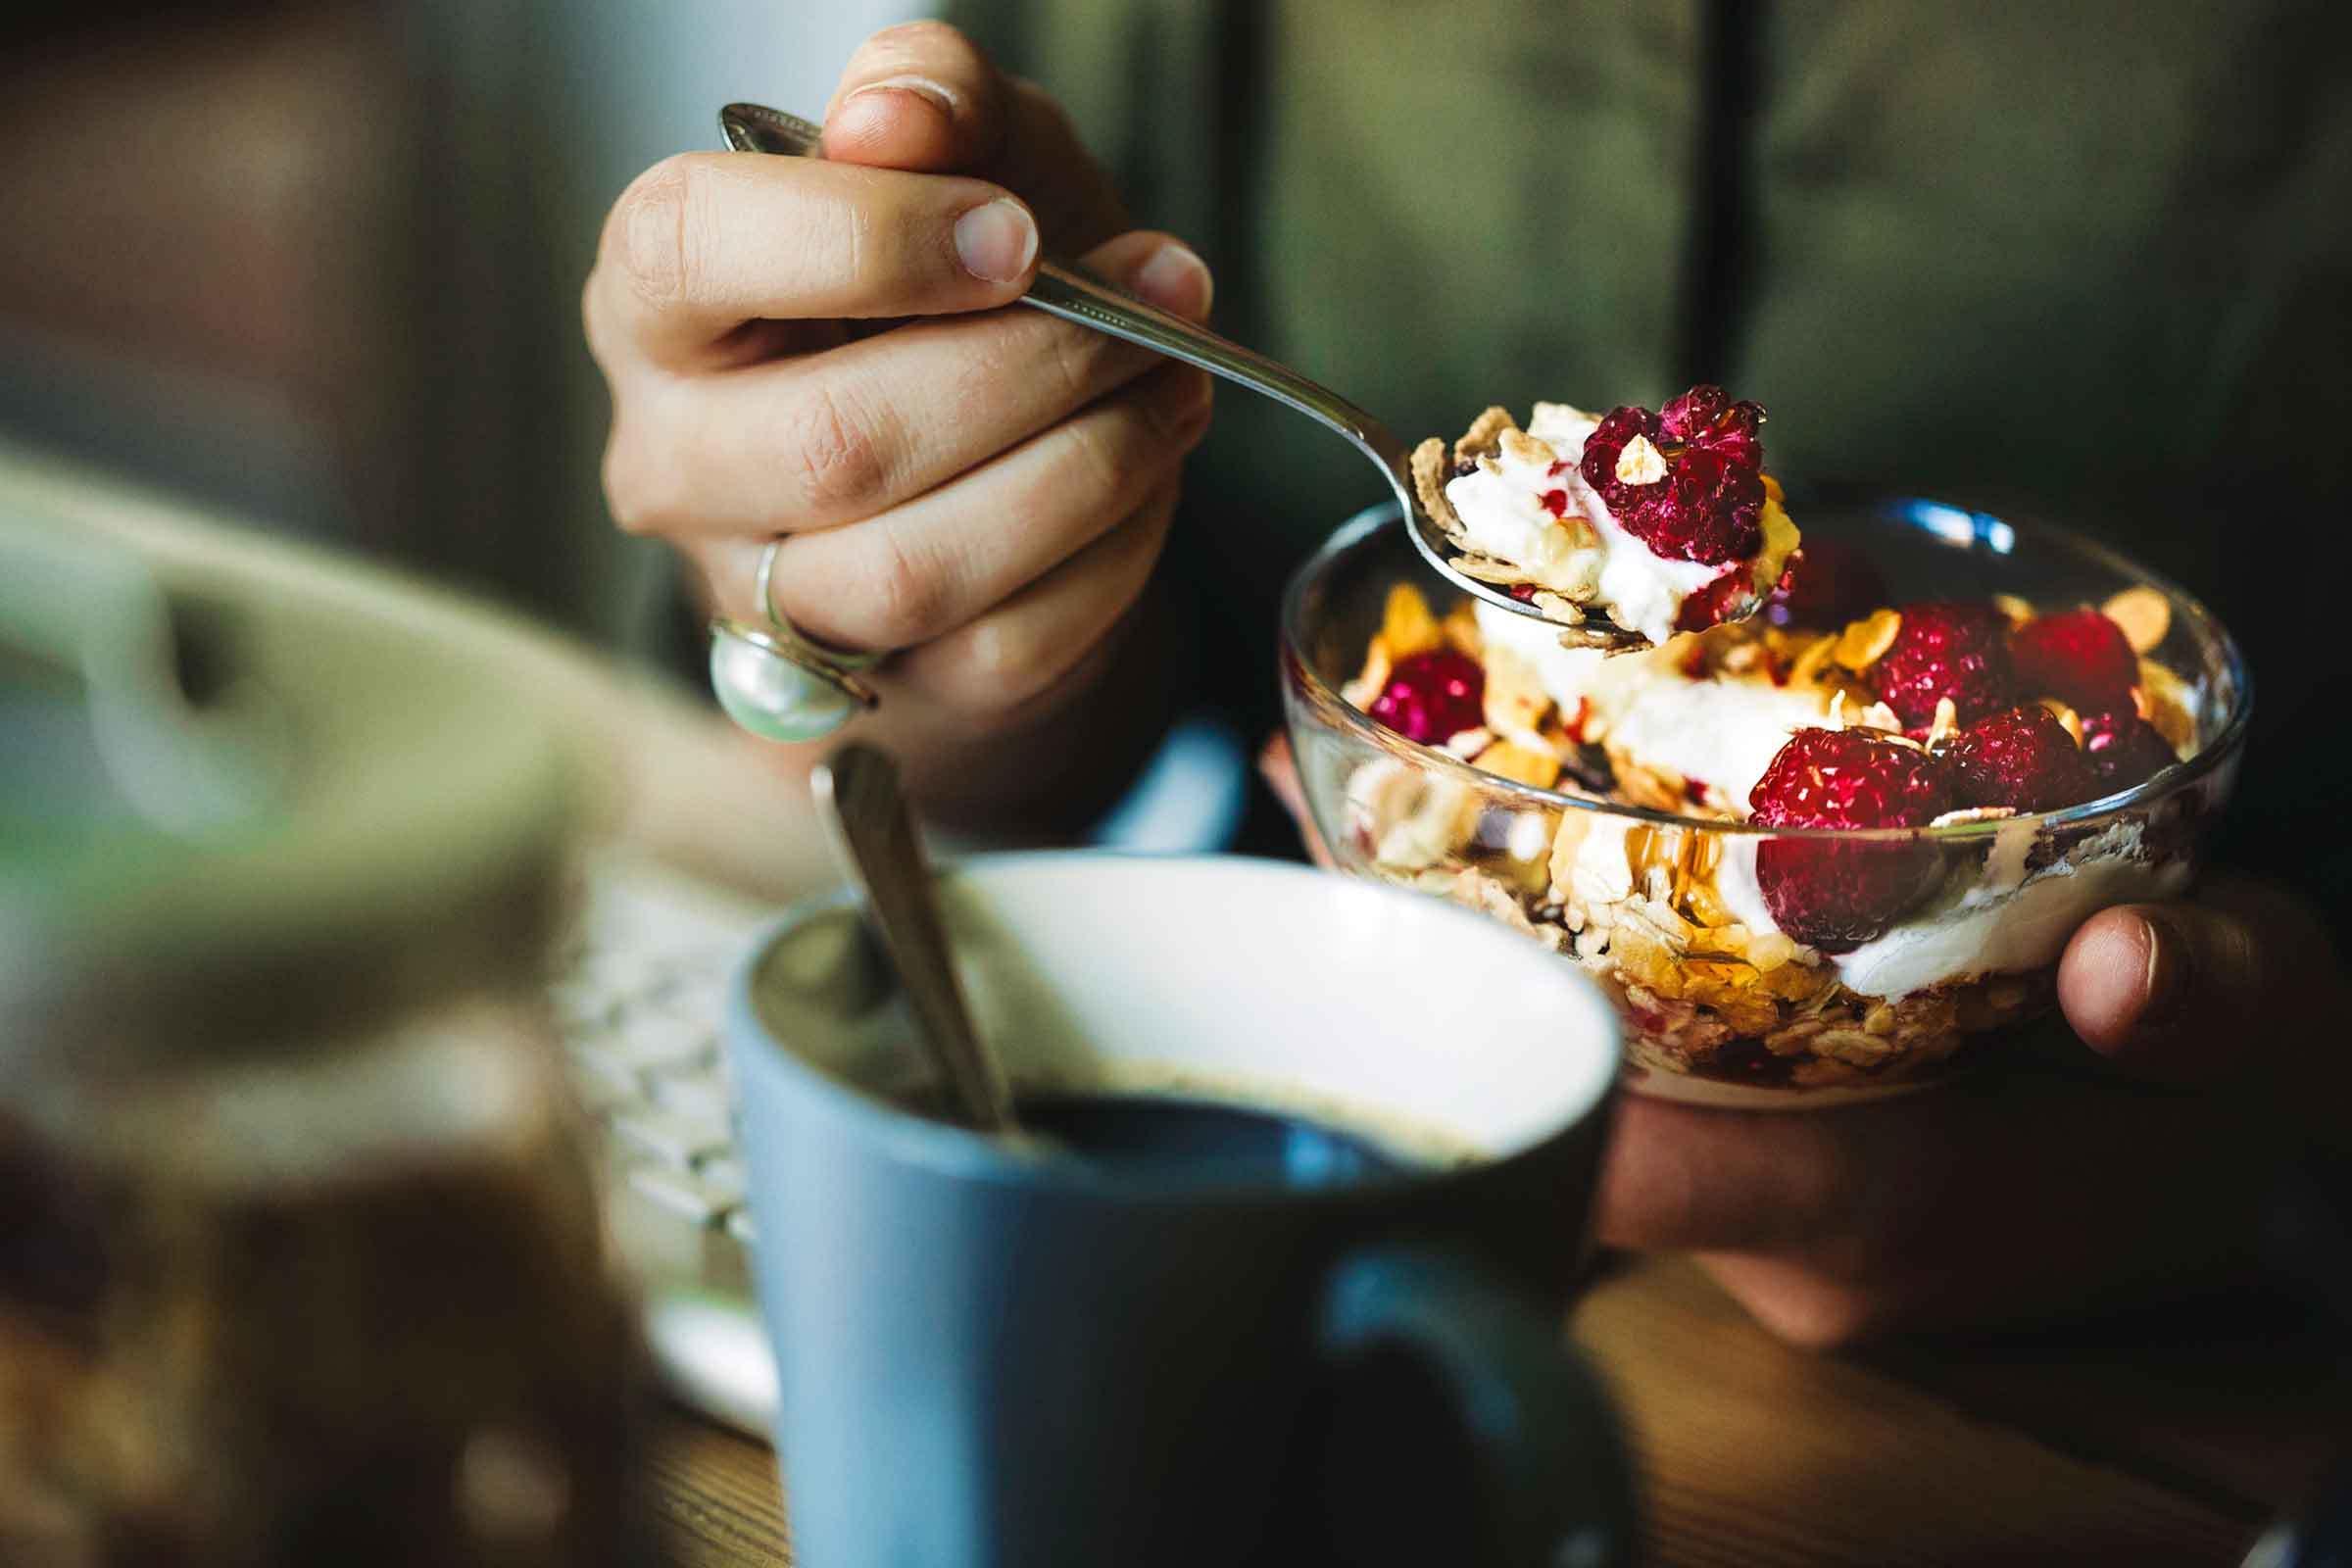 Dieta cu iaurt şi cereale, cea mai rapidă metodă de slăbit! Dai jos cinci kilograme, în şapte zile